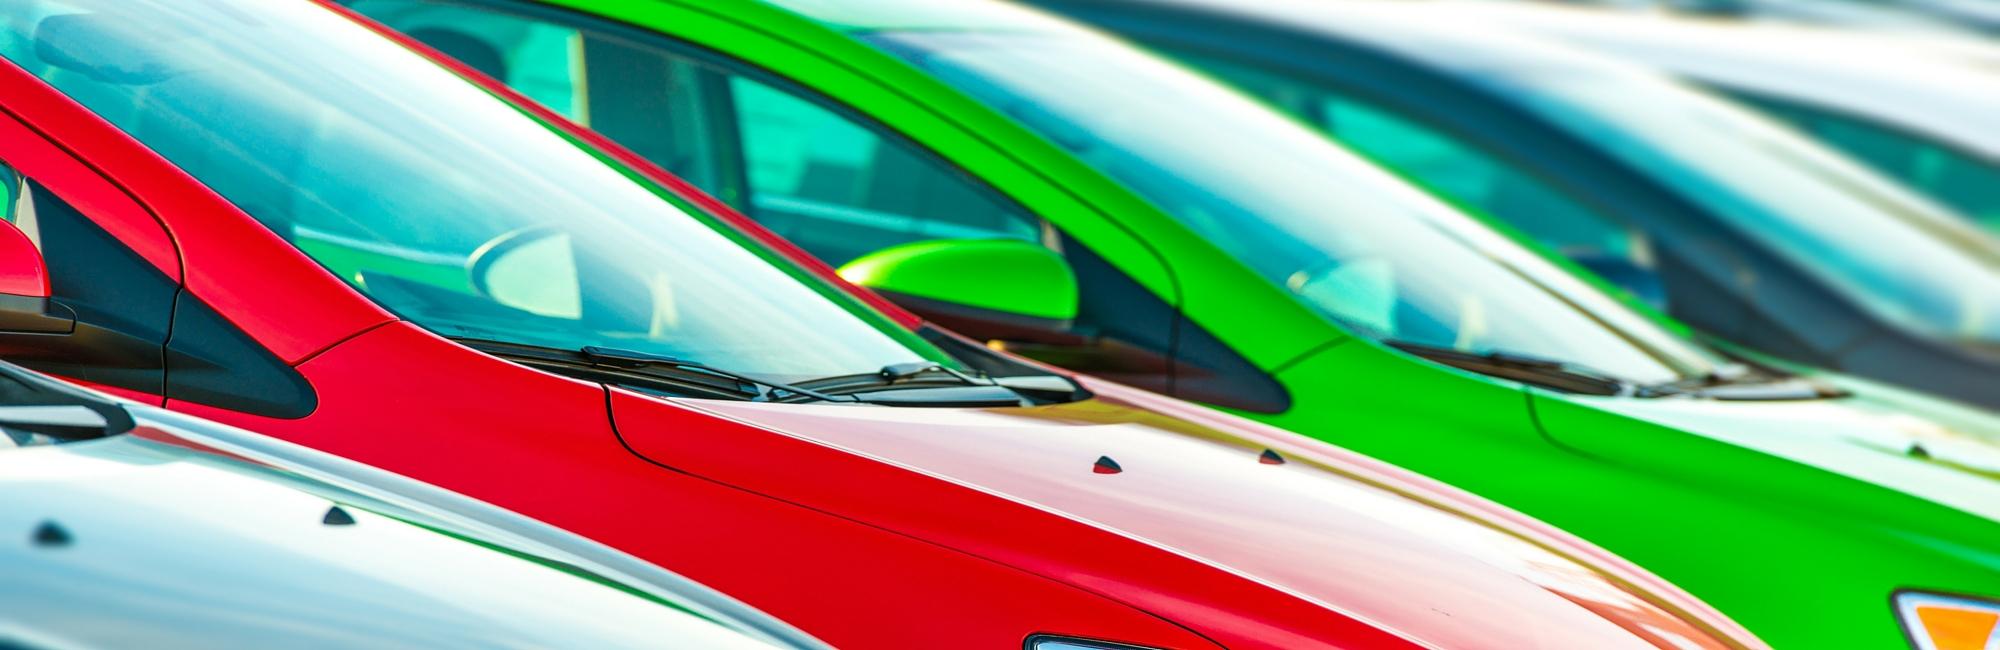 El color de tu auto